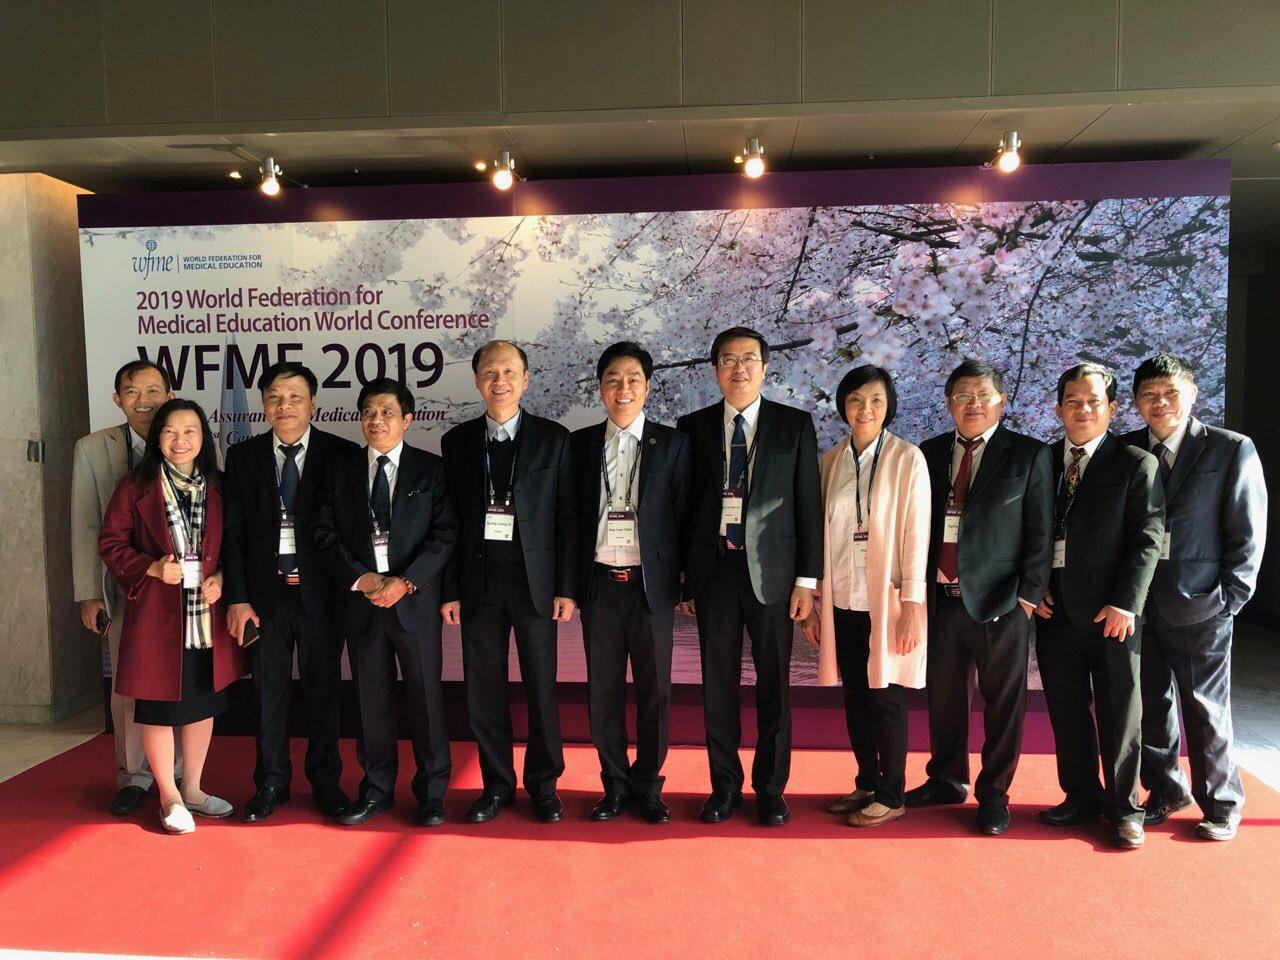 Trường Đại học Y Dược Huế tham dự hội nghị Liên đoàn đào tạo Y khoa thế giới 2019 tại Seoul, Hàn Quốc